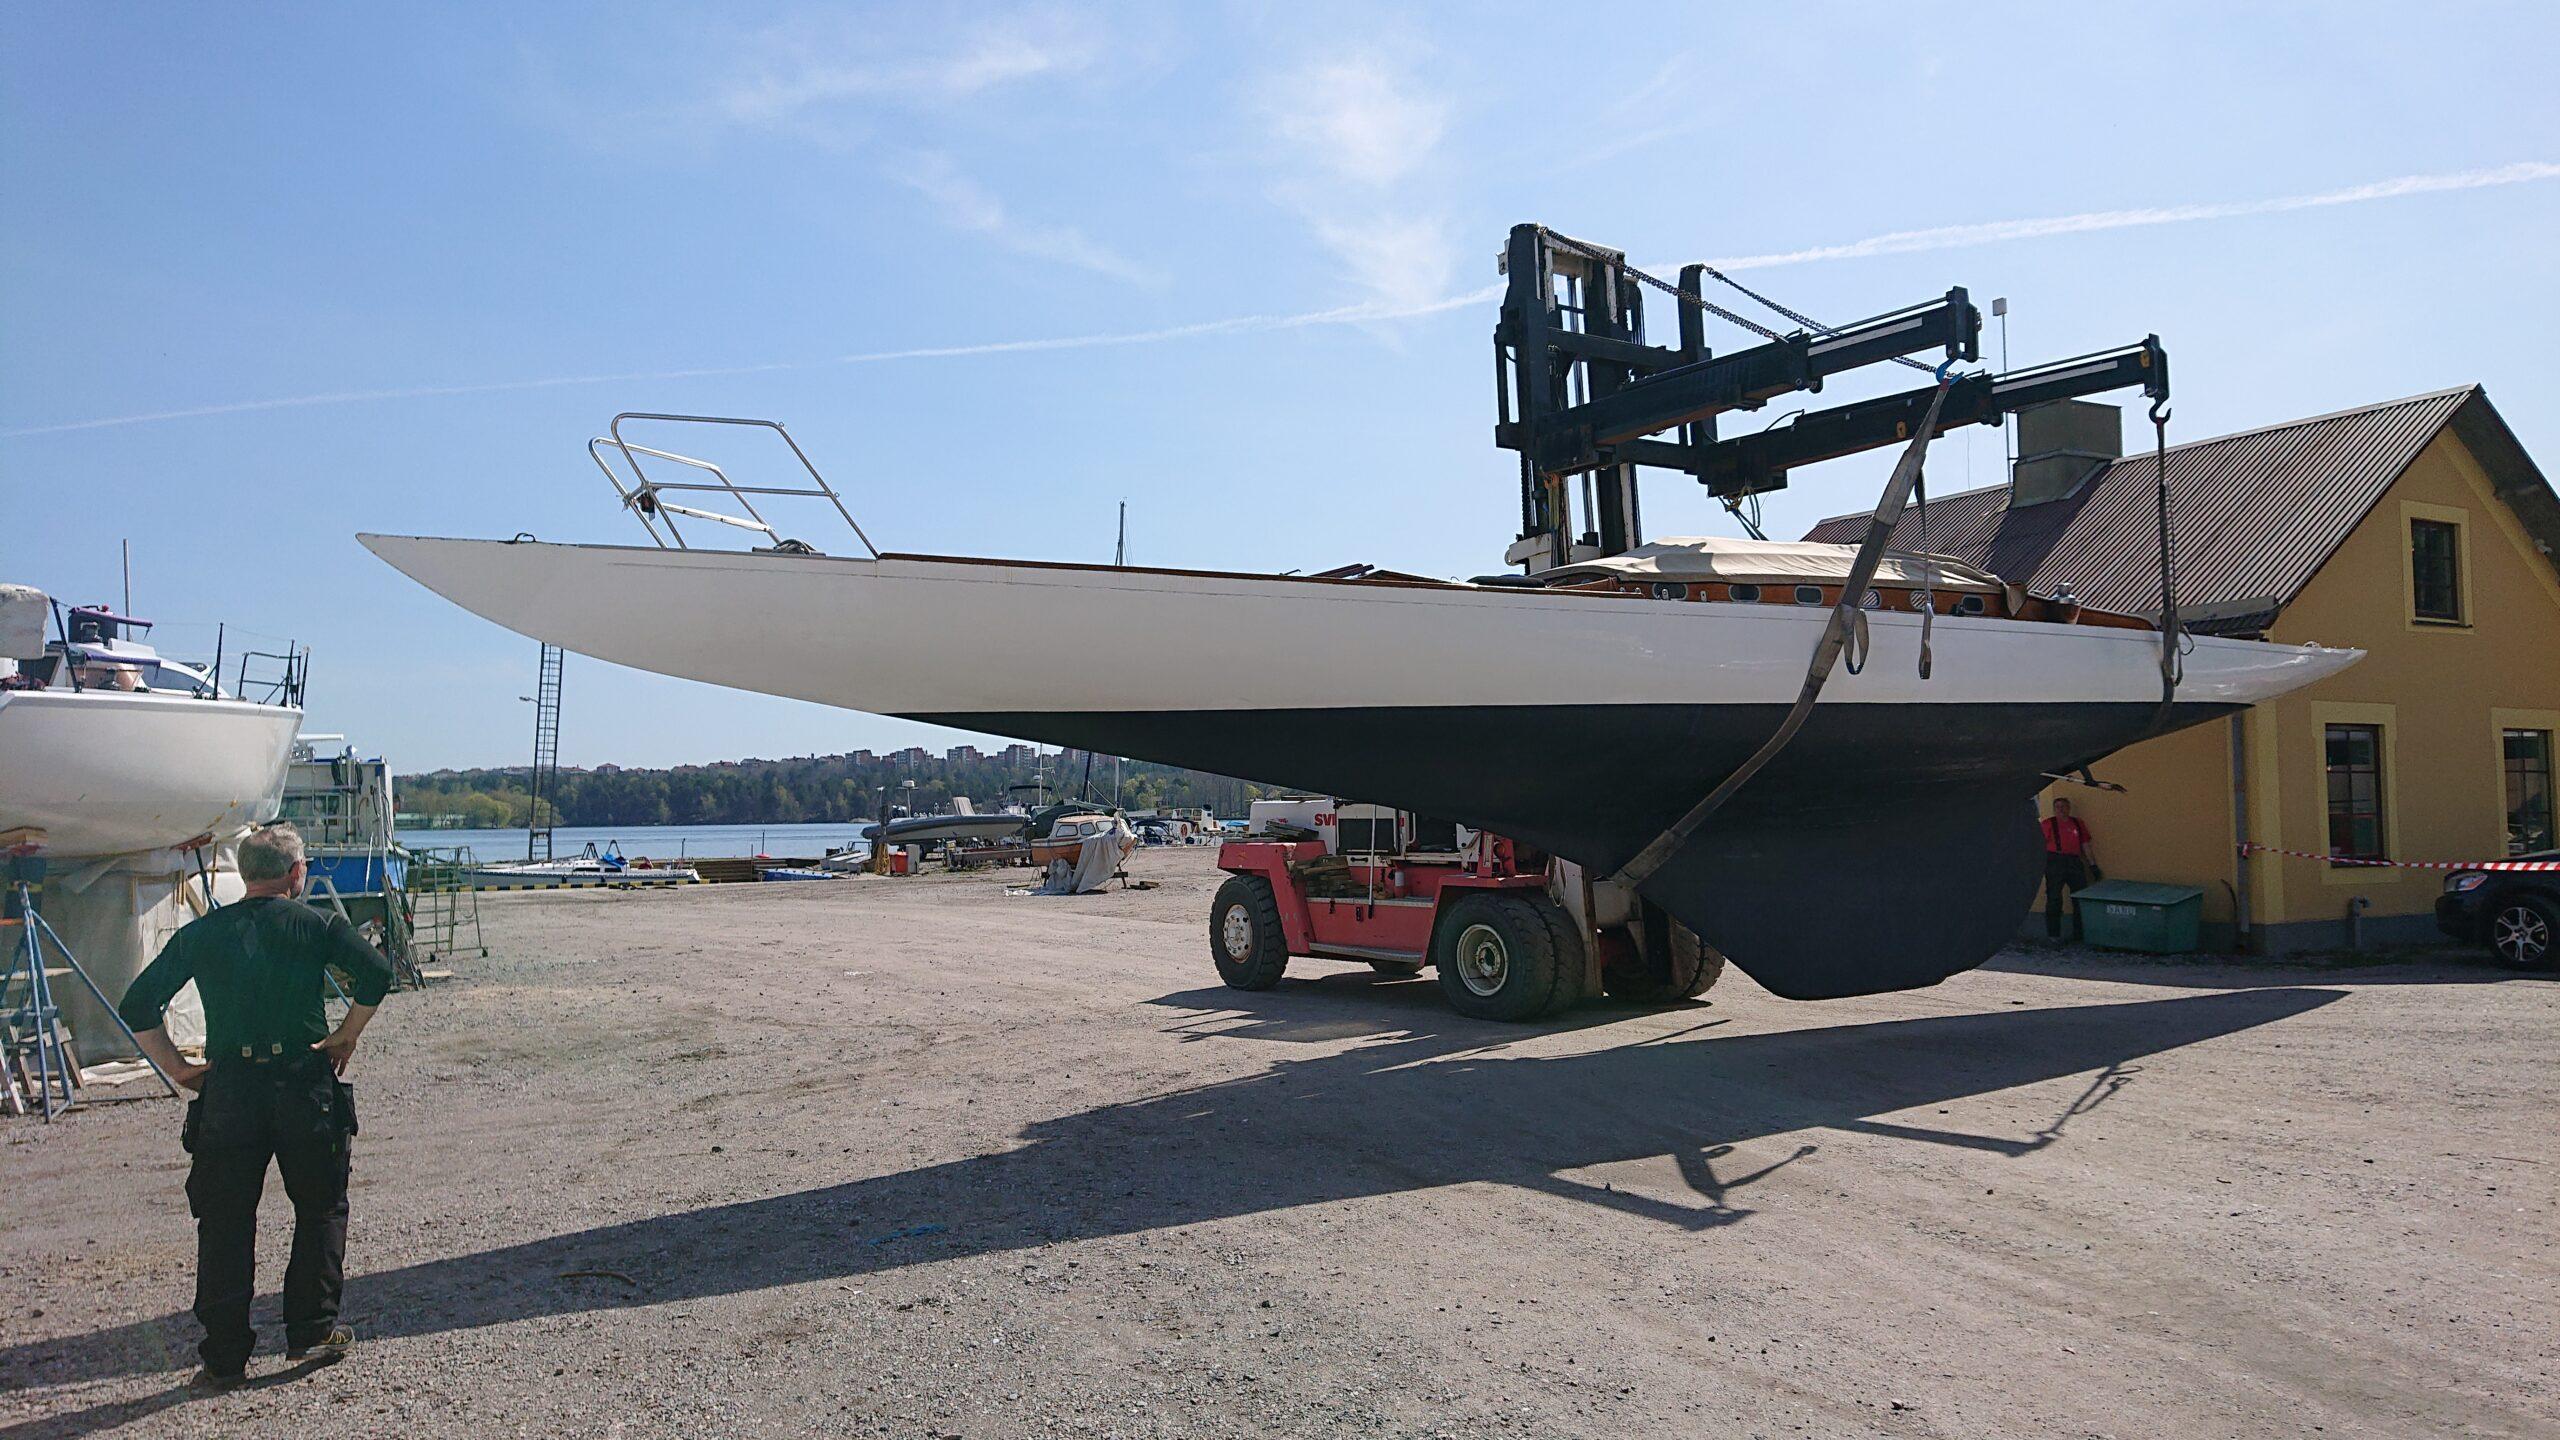 På väg till sjön. Millimeterpassning mellan klubbhus och andra båtar! Långsmala båtar ger specifik utmaningar.